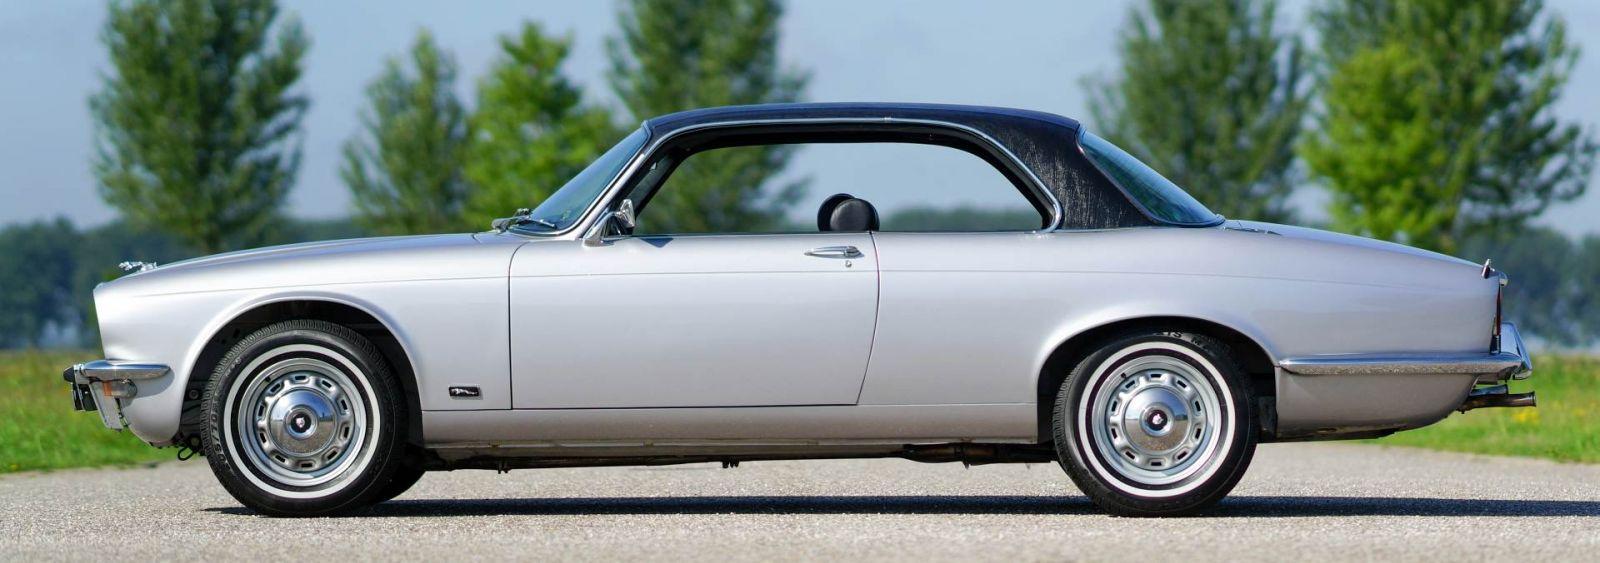 jaguar xj6 coupe 1976 classicargarage fr. Black Bedroom Furniture Sets. Home Design Ideas